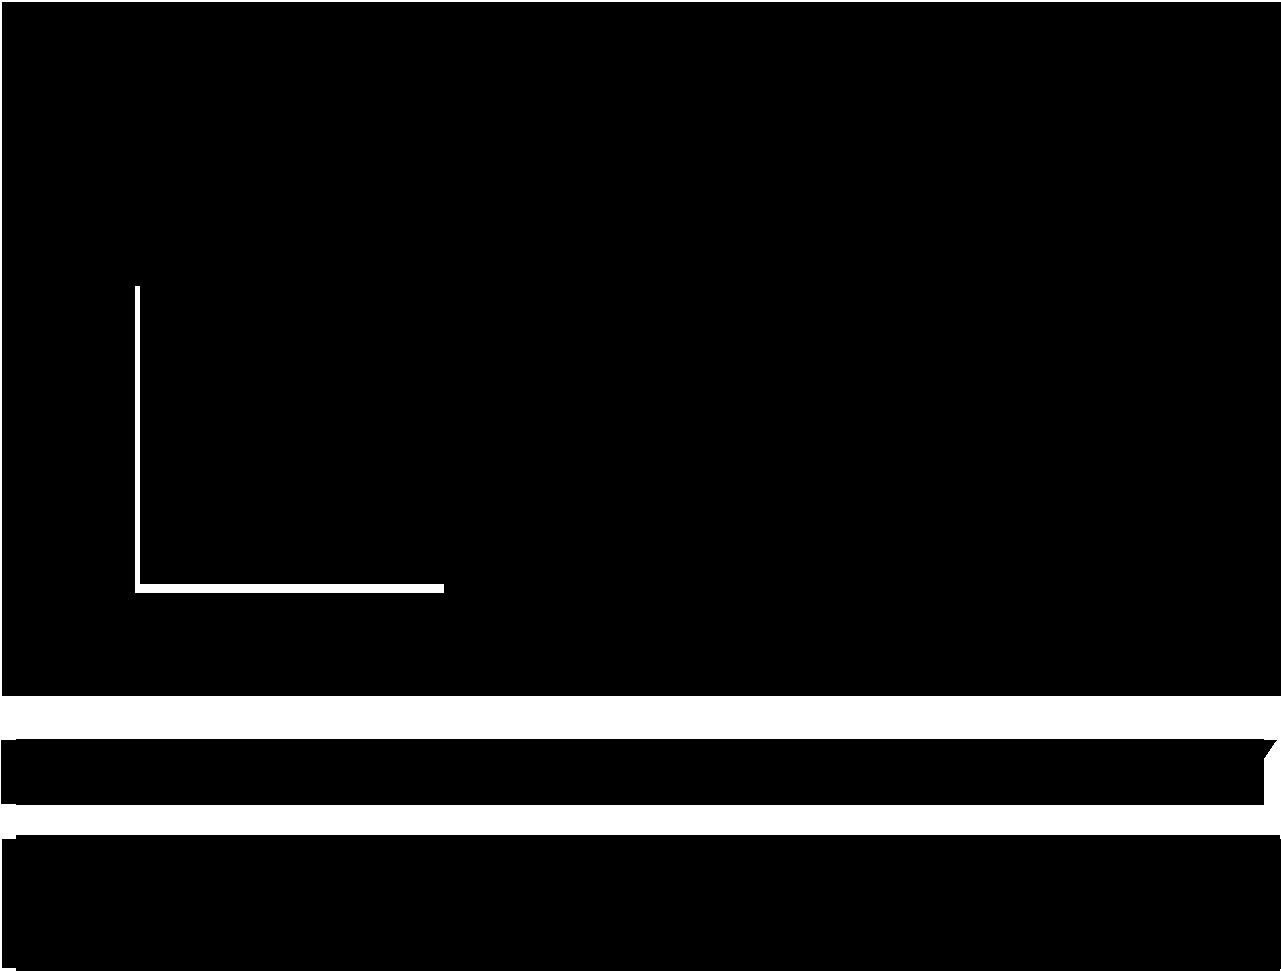 Logo for Blacks in Technology